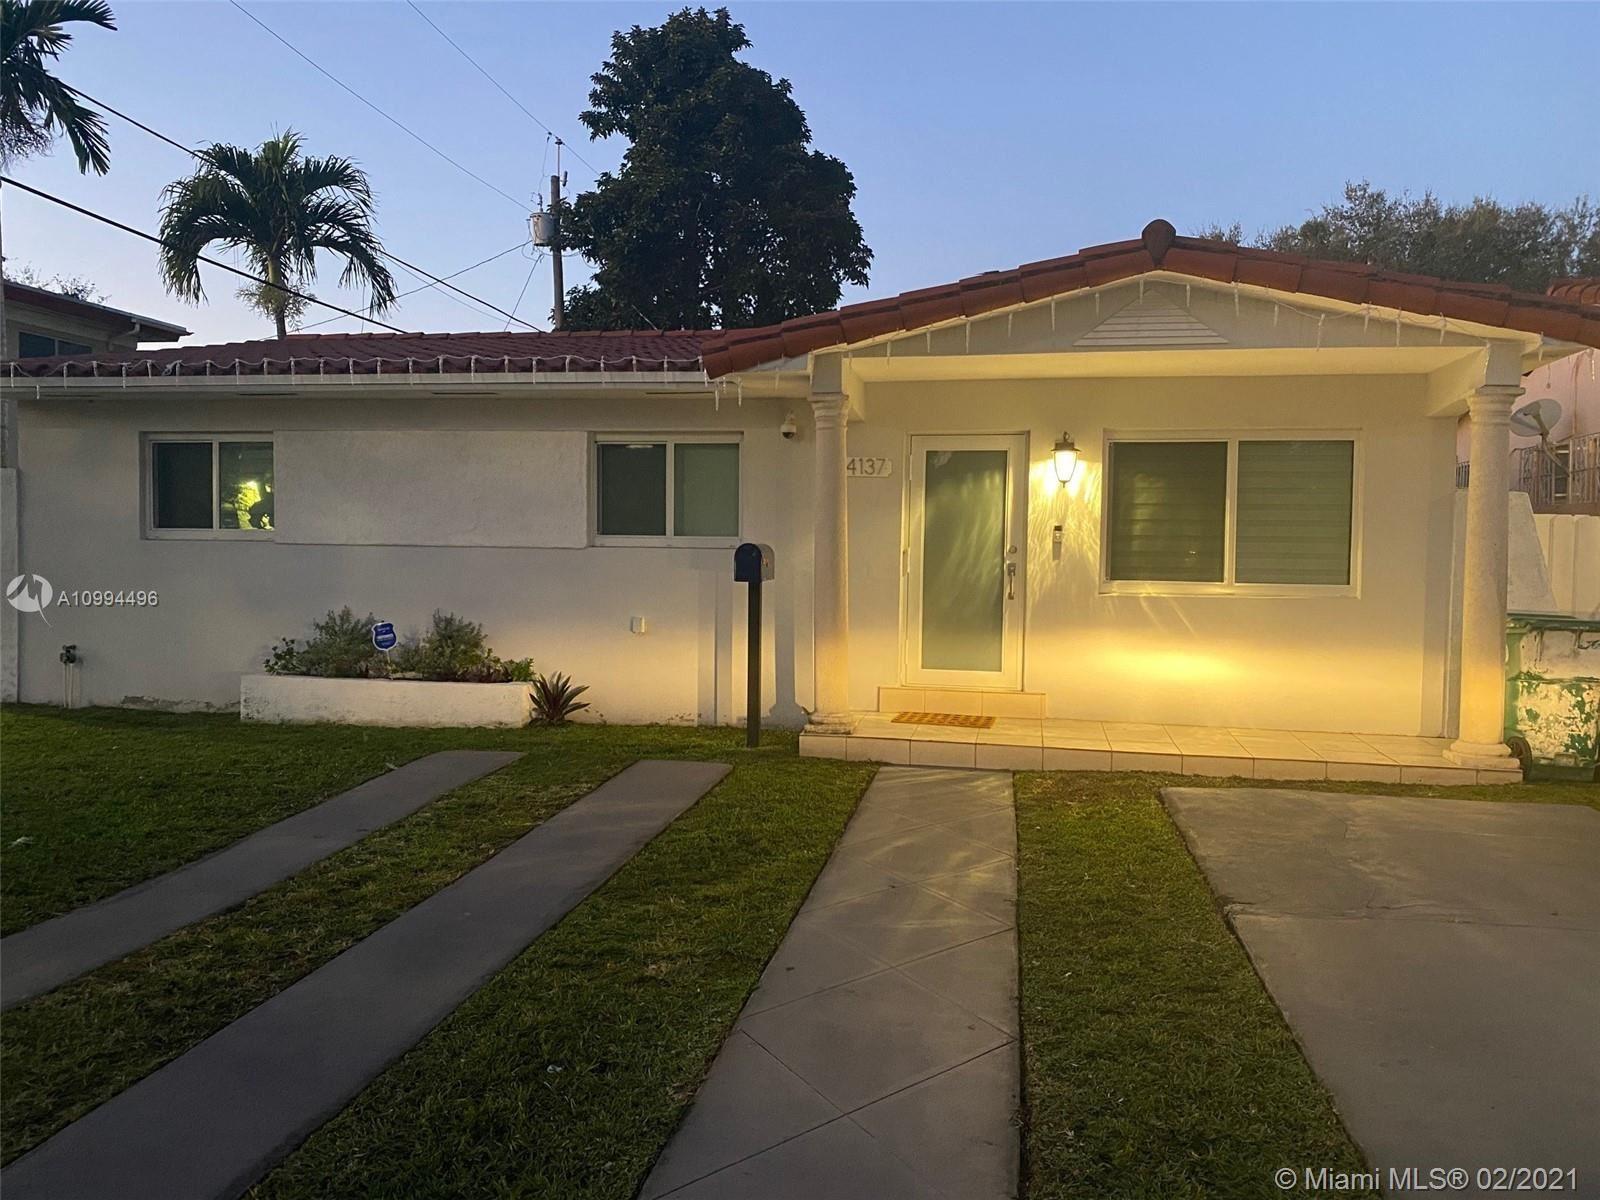 4137 SW 14th St, Miami, FL 33134 - #: A10994496